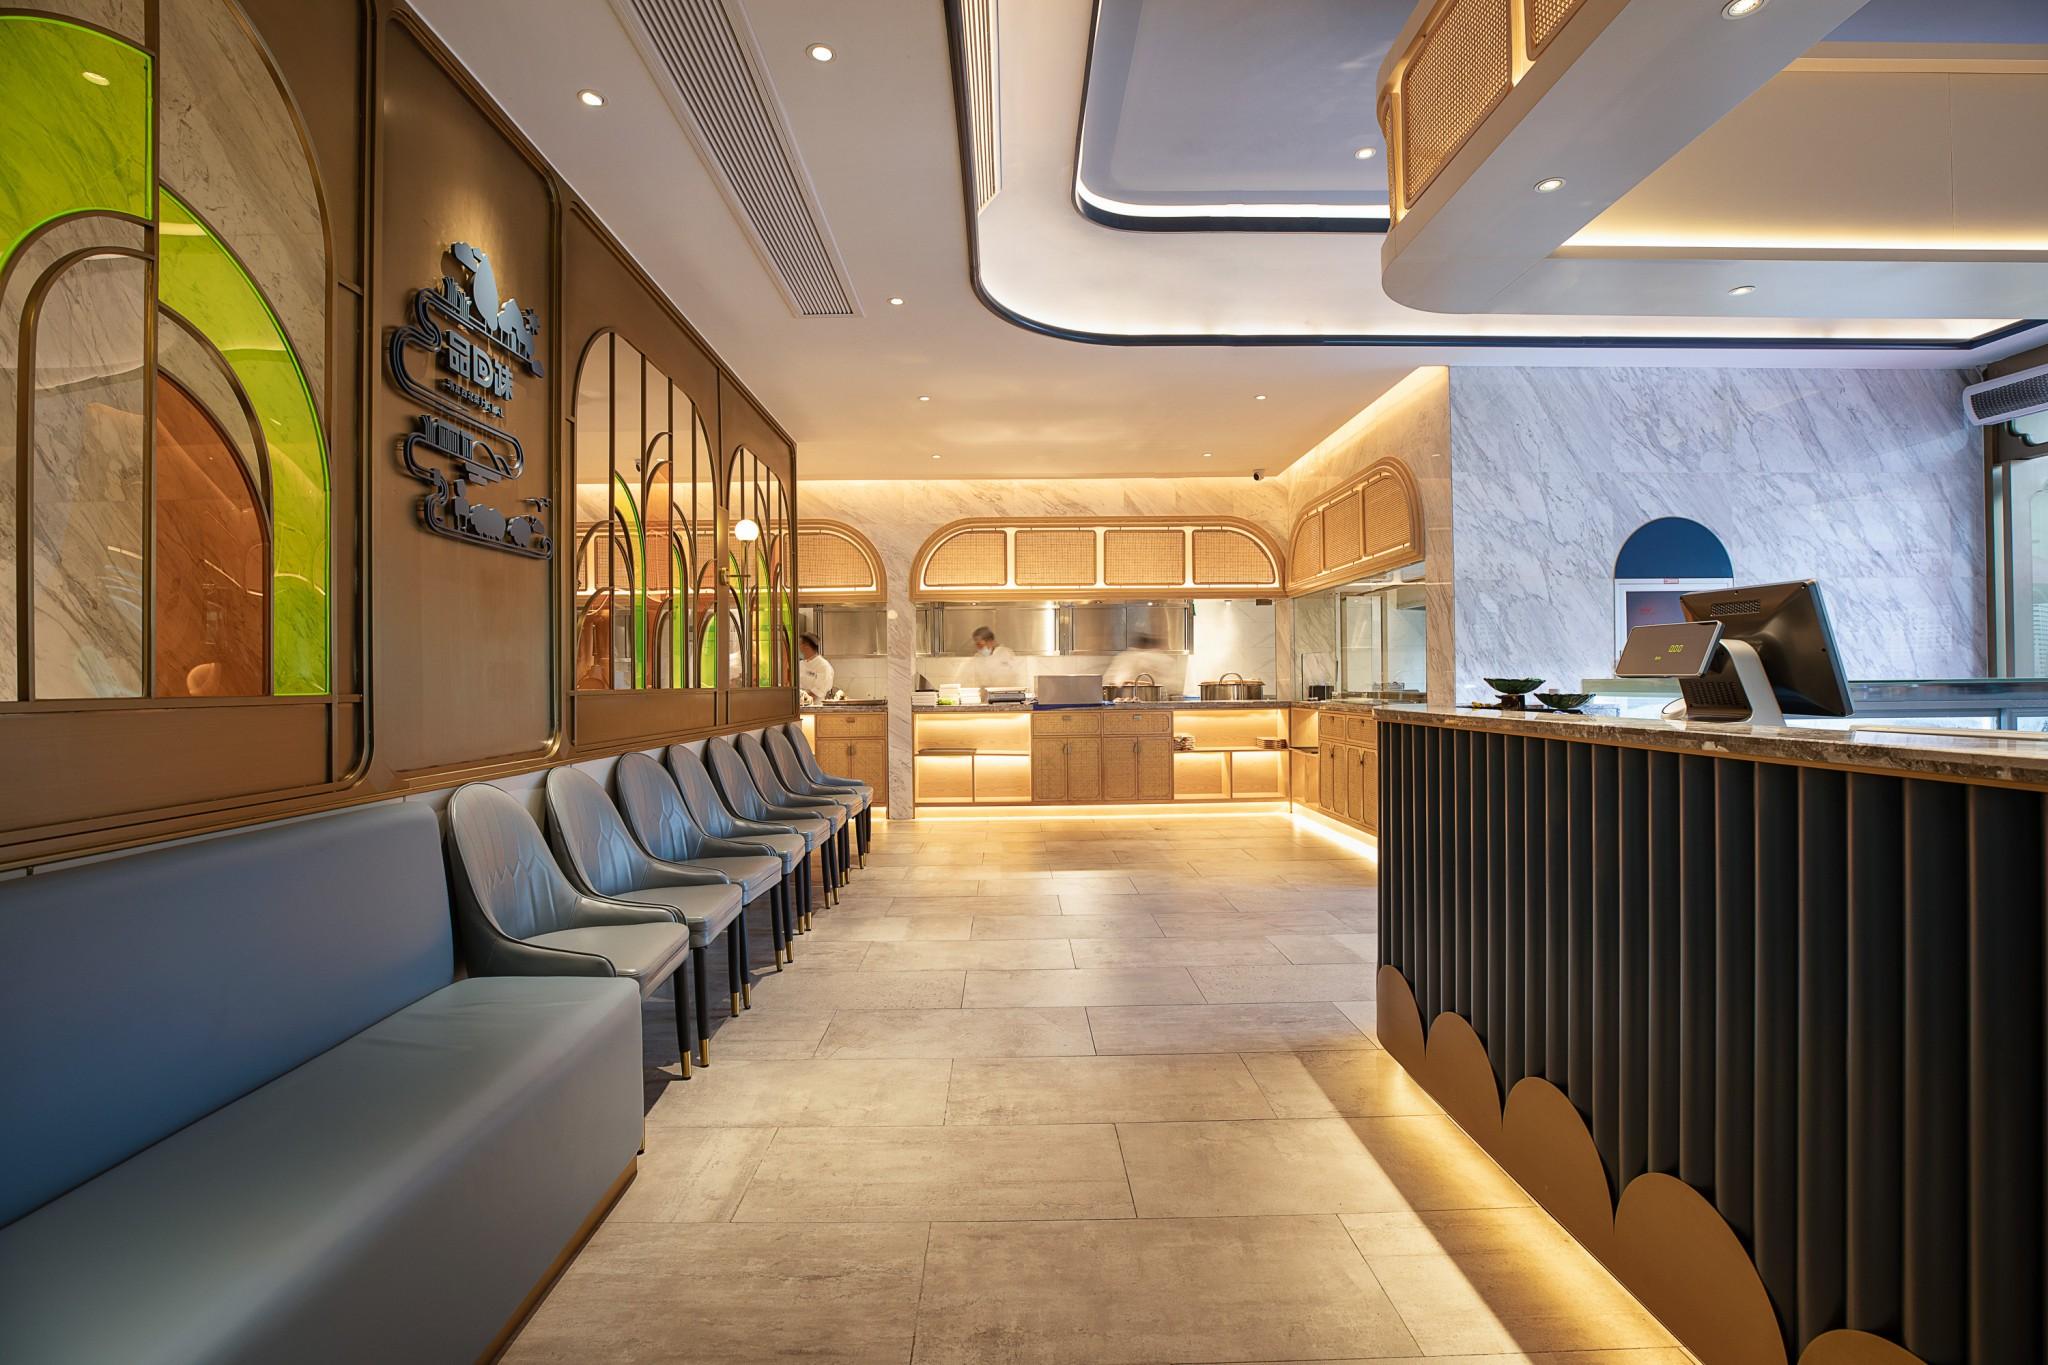 品味回西北菜餐厅设计-杭州餐厅设计-杭州达岸品牌策划设计公司9120cff9a02ae7143c88ed5efc7eb0bb